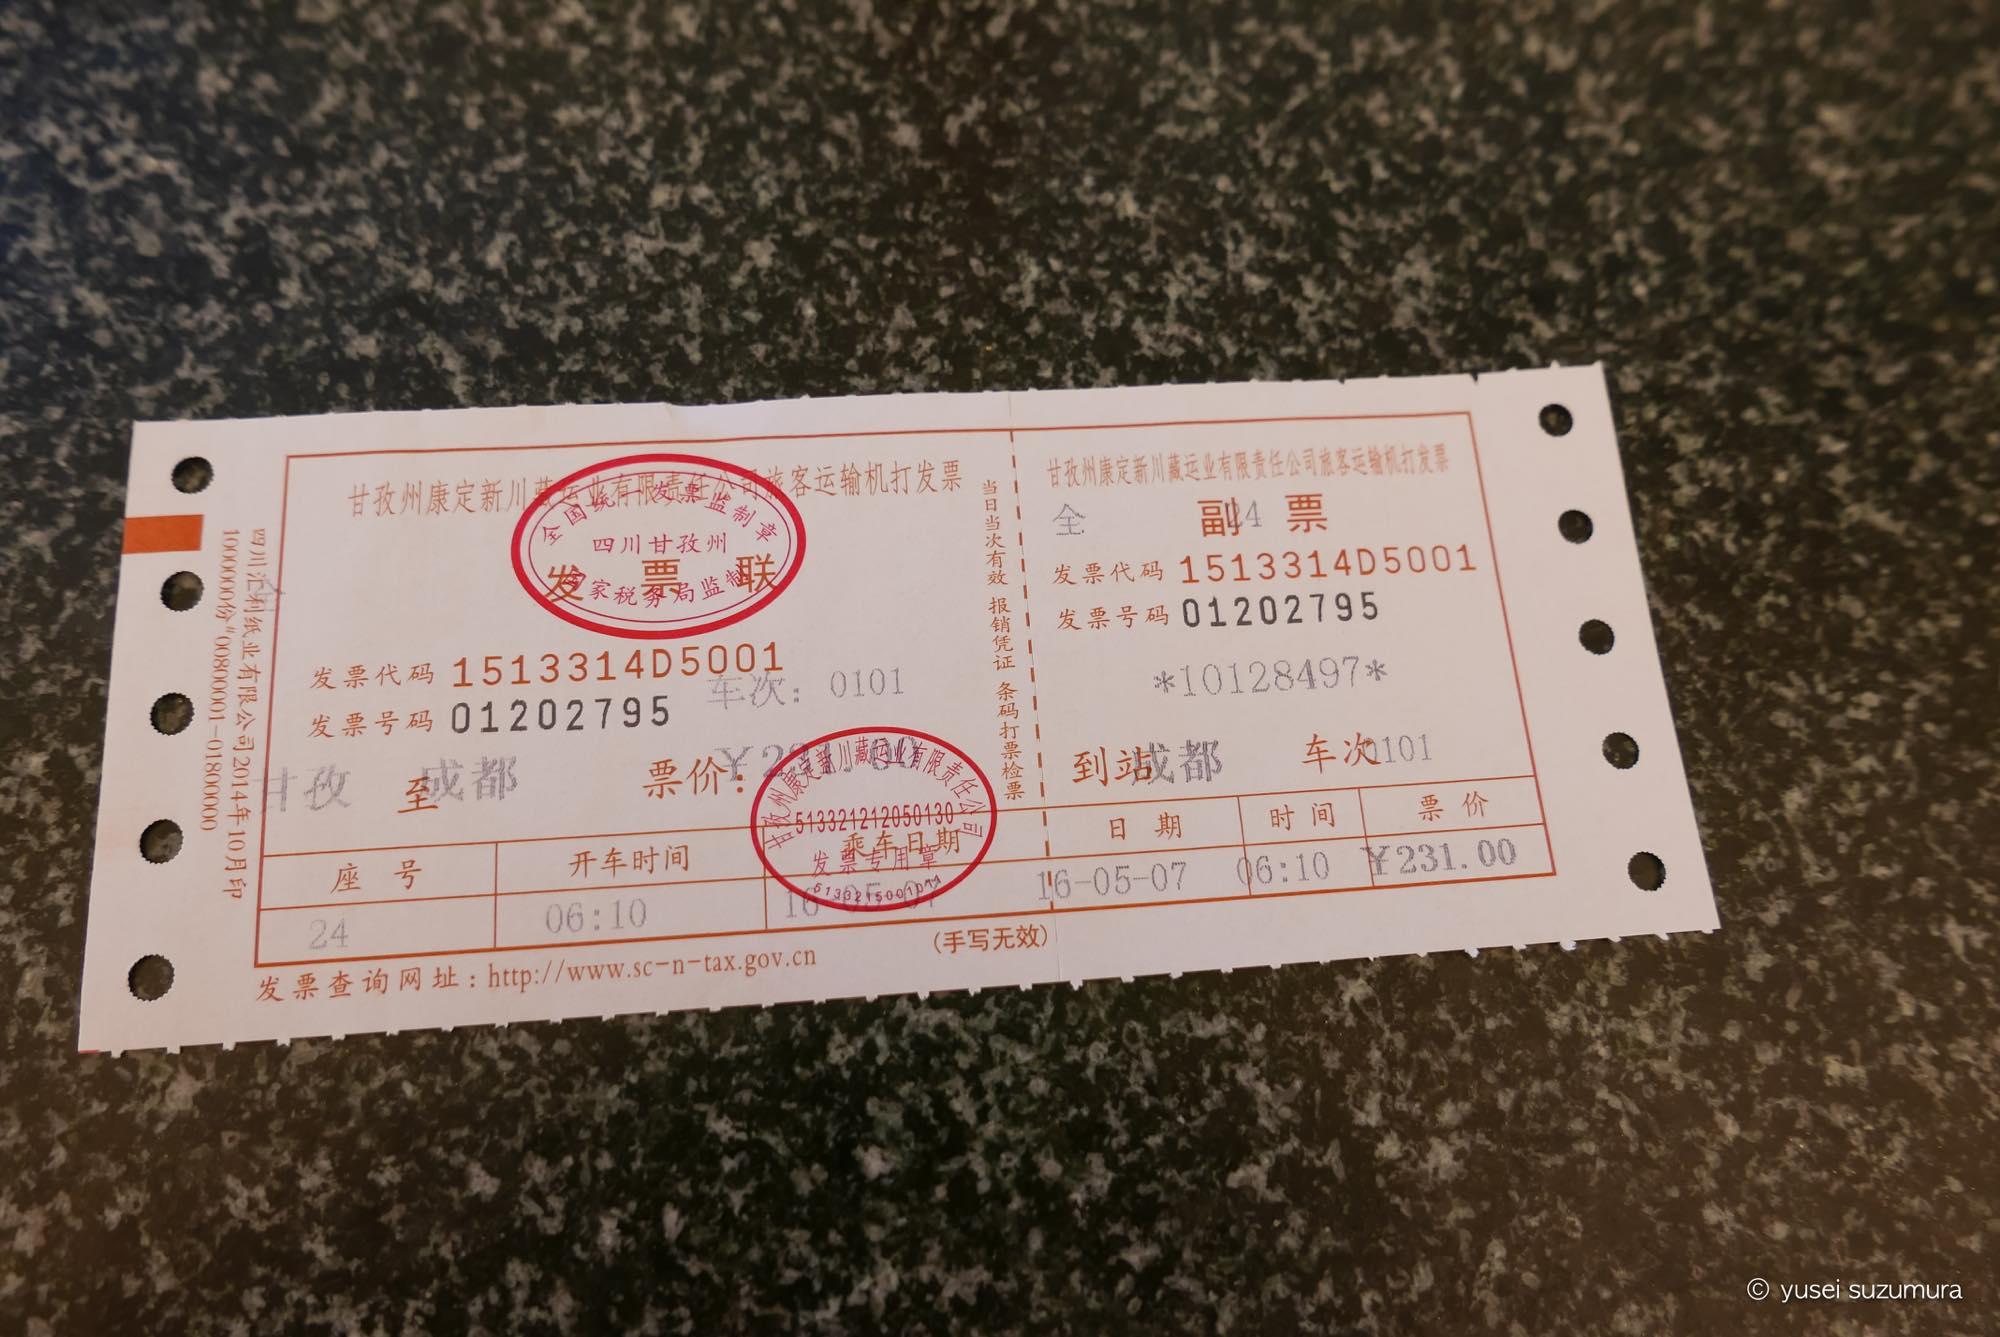 甘孜 成都行きのバスチケット